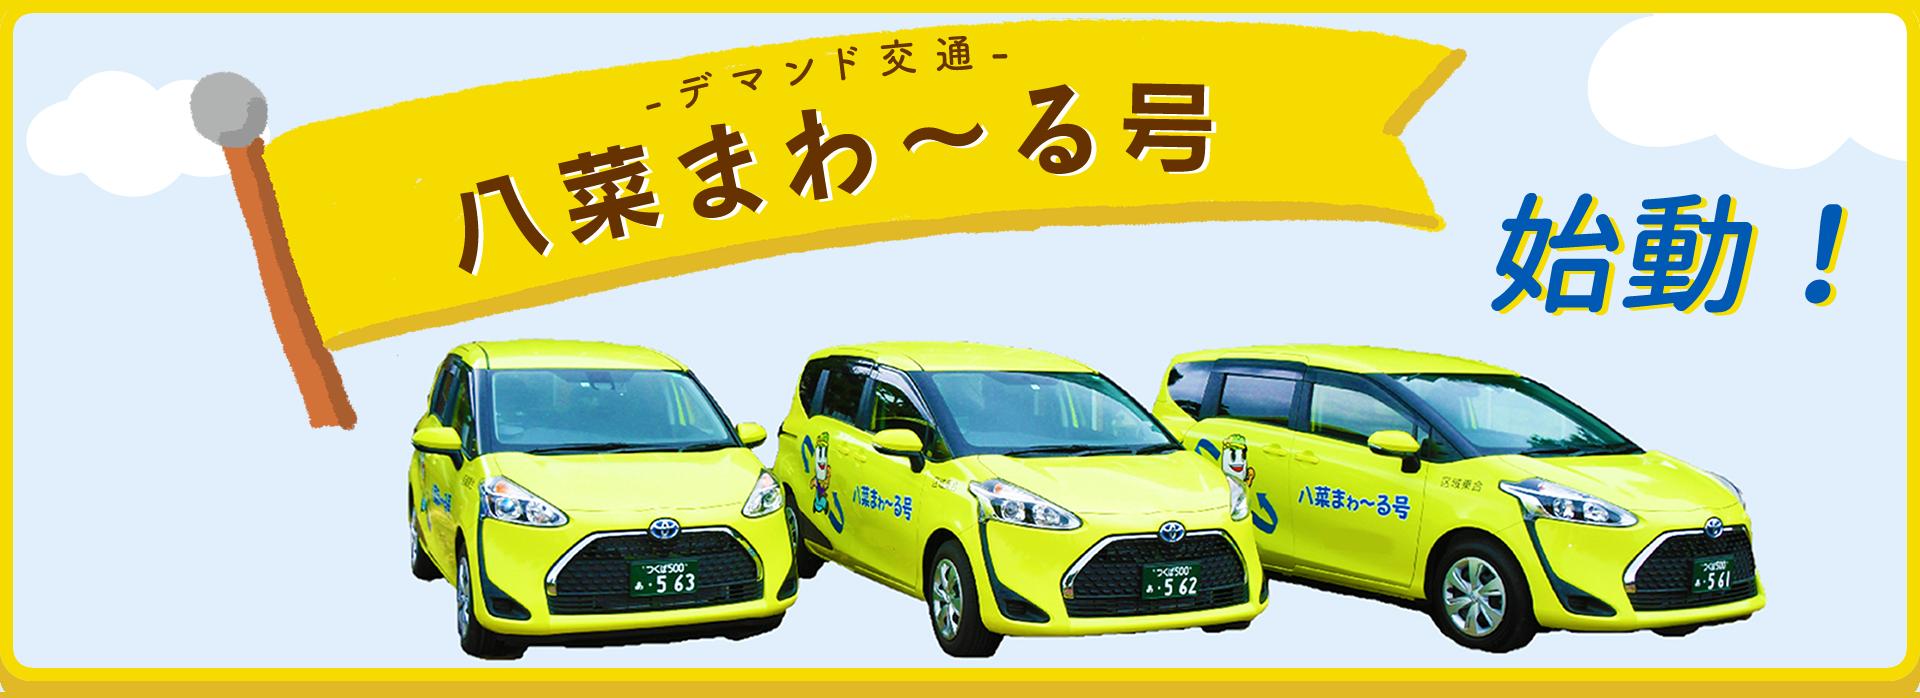 デマンド交通 八菜まゎ〜る号